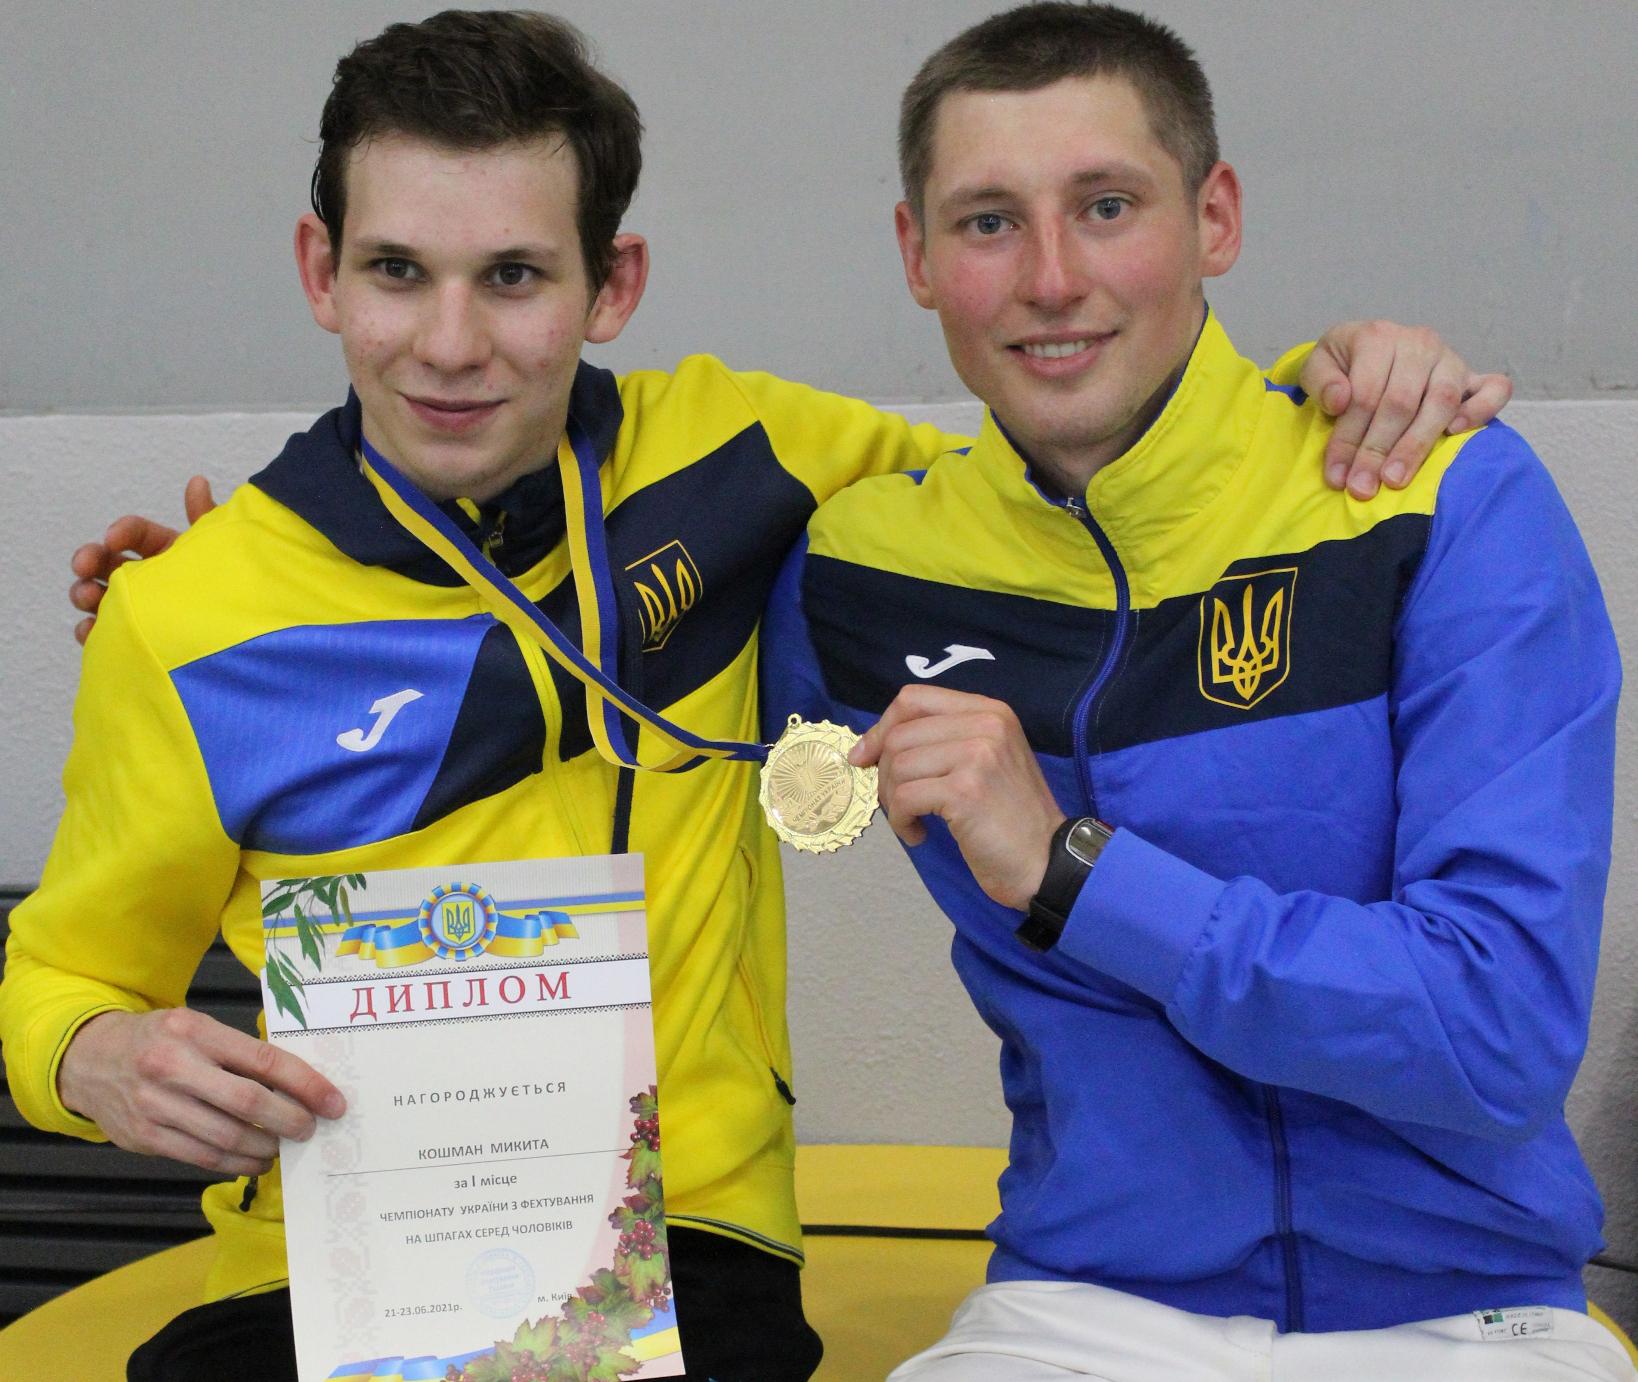 ЧУ 2021 Київ: Нікіта Кошман у свій день народження вперше виграє чемпіонат України